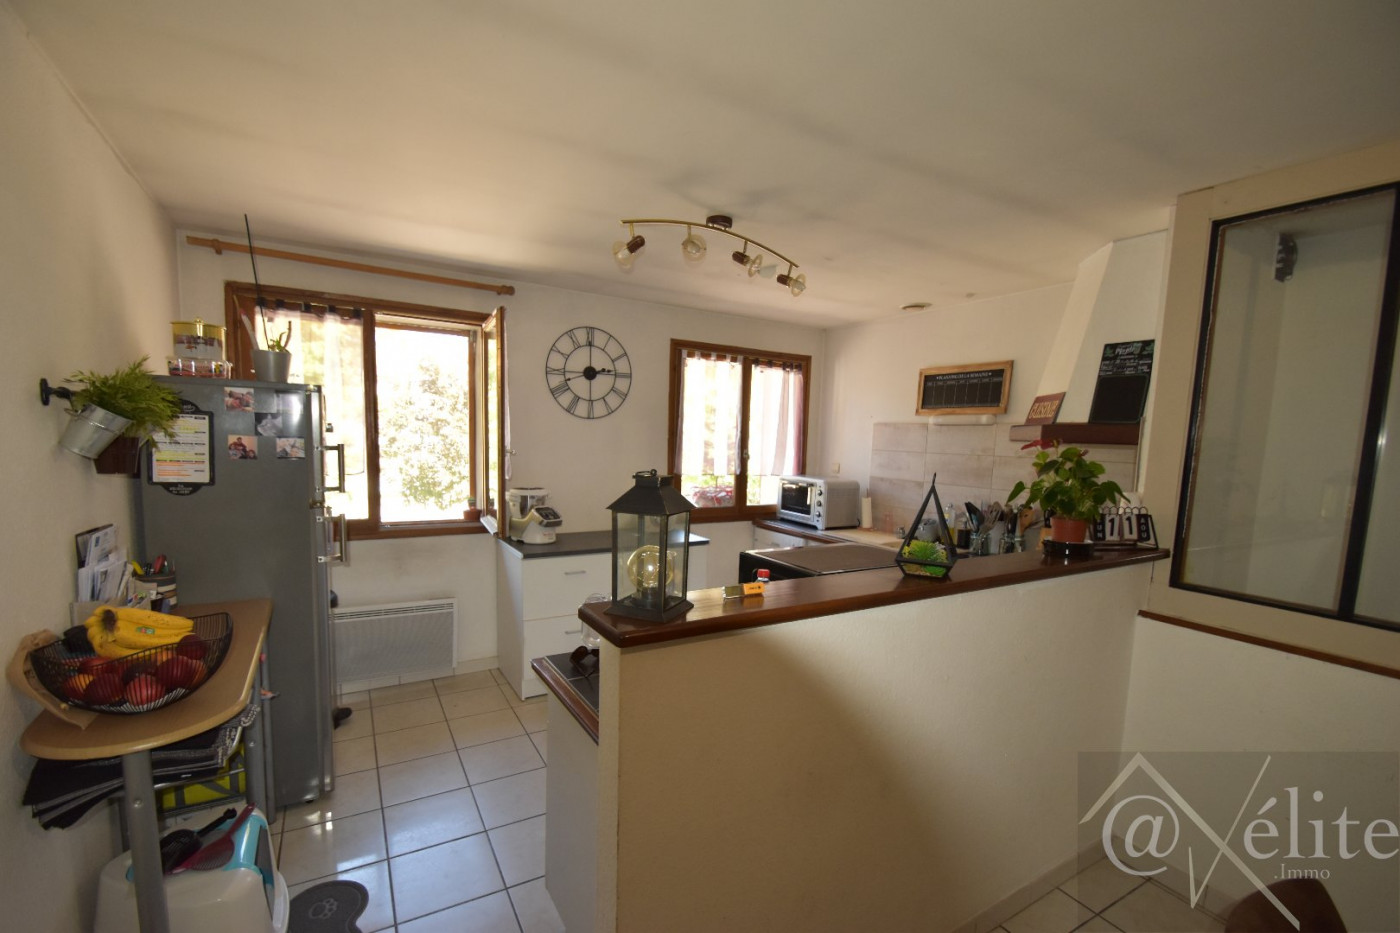 A vendre Villebrumier 777921594 Axelite sas